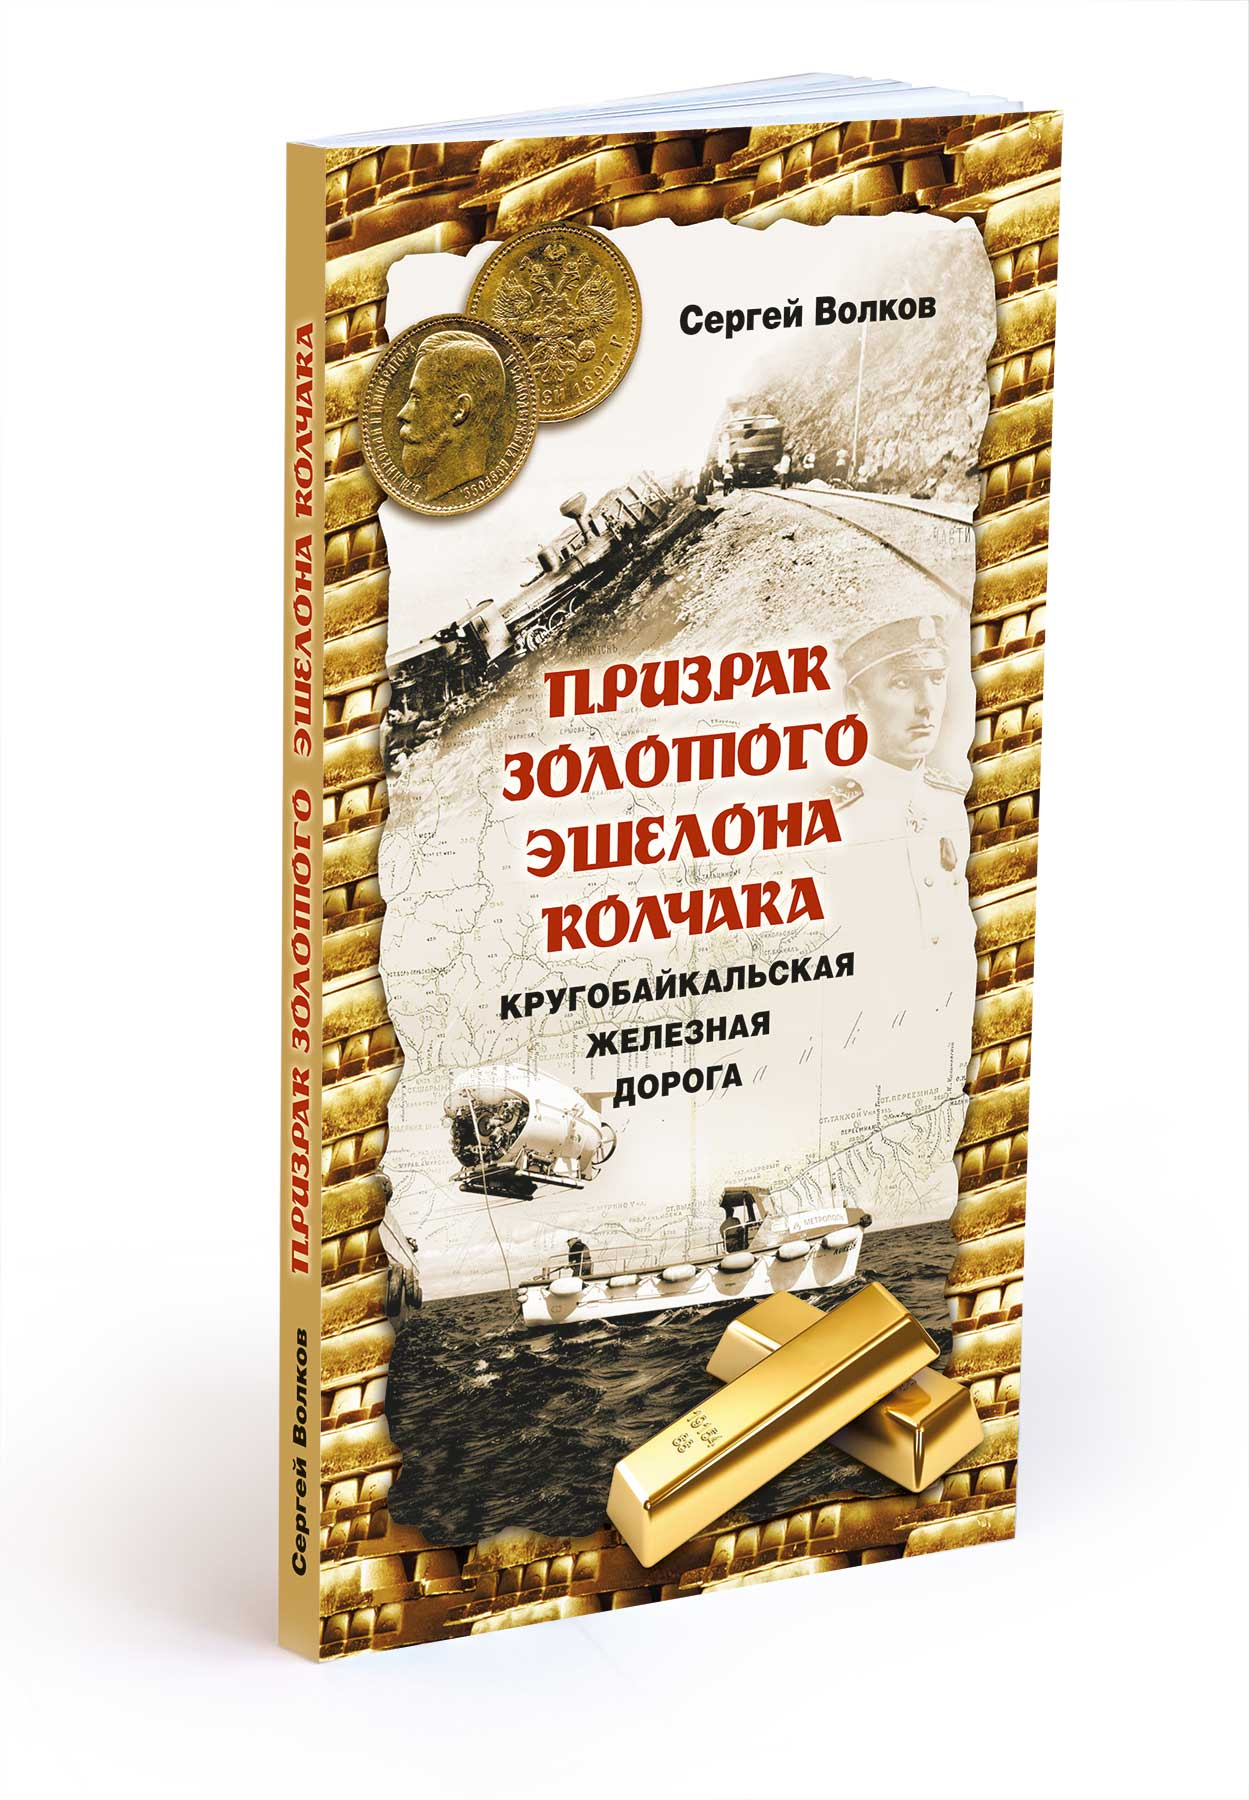 Призрак золотого эшелона Колчака. Кругобайкальская железная дорога